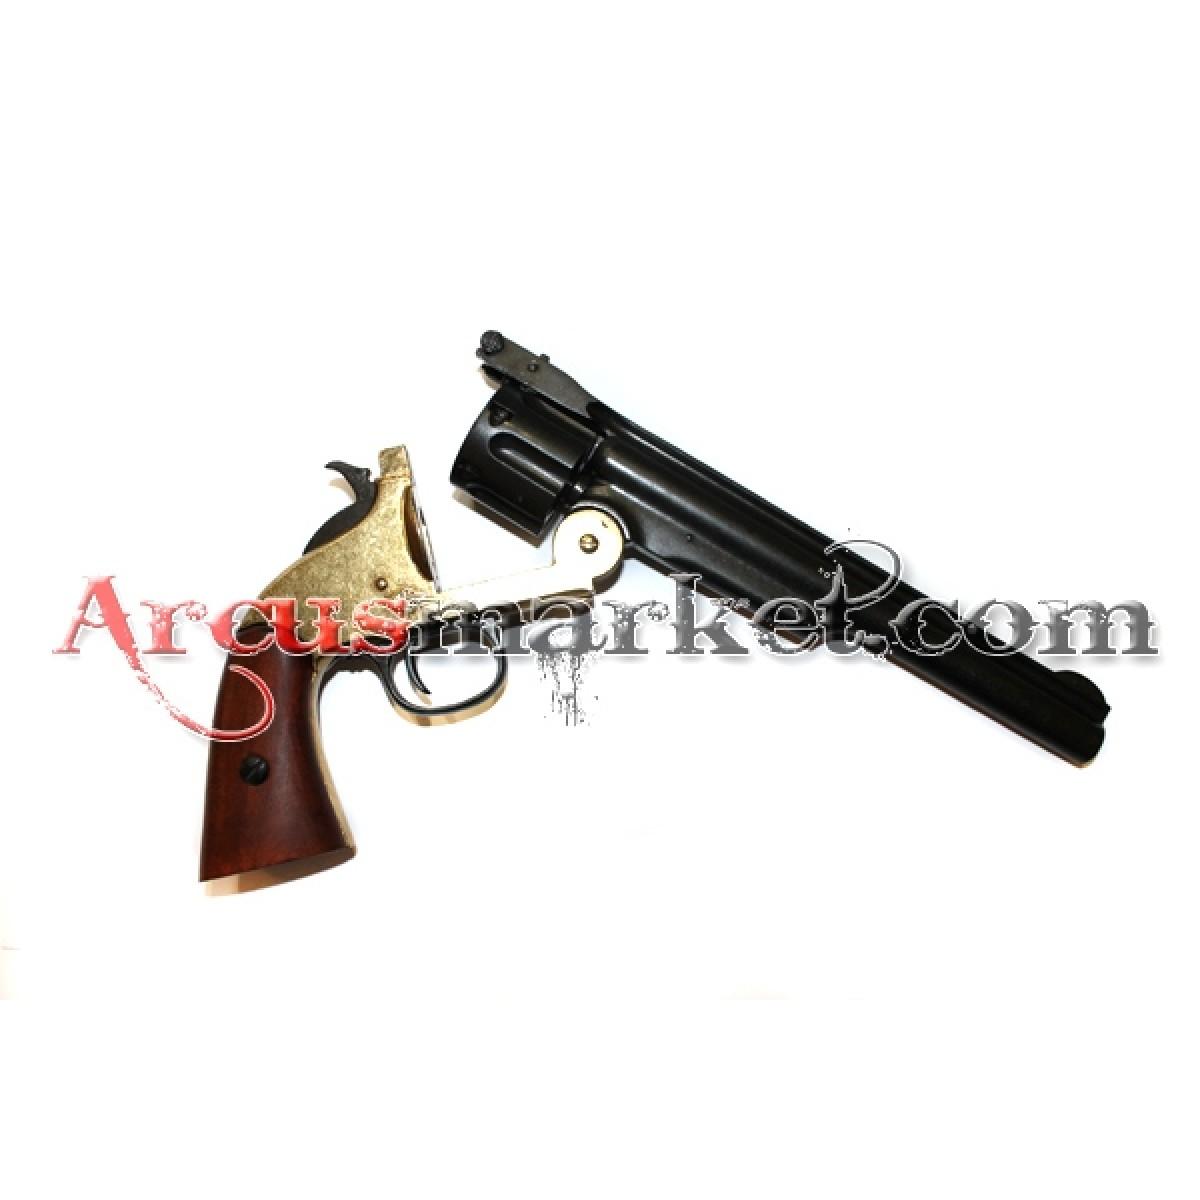 Револьвер системы Смит и Вессон, ММГ копия